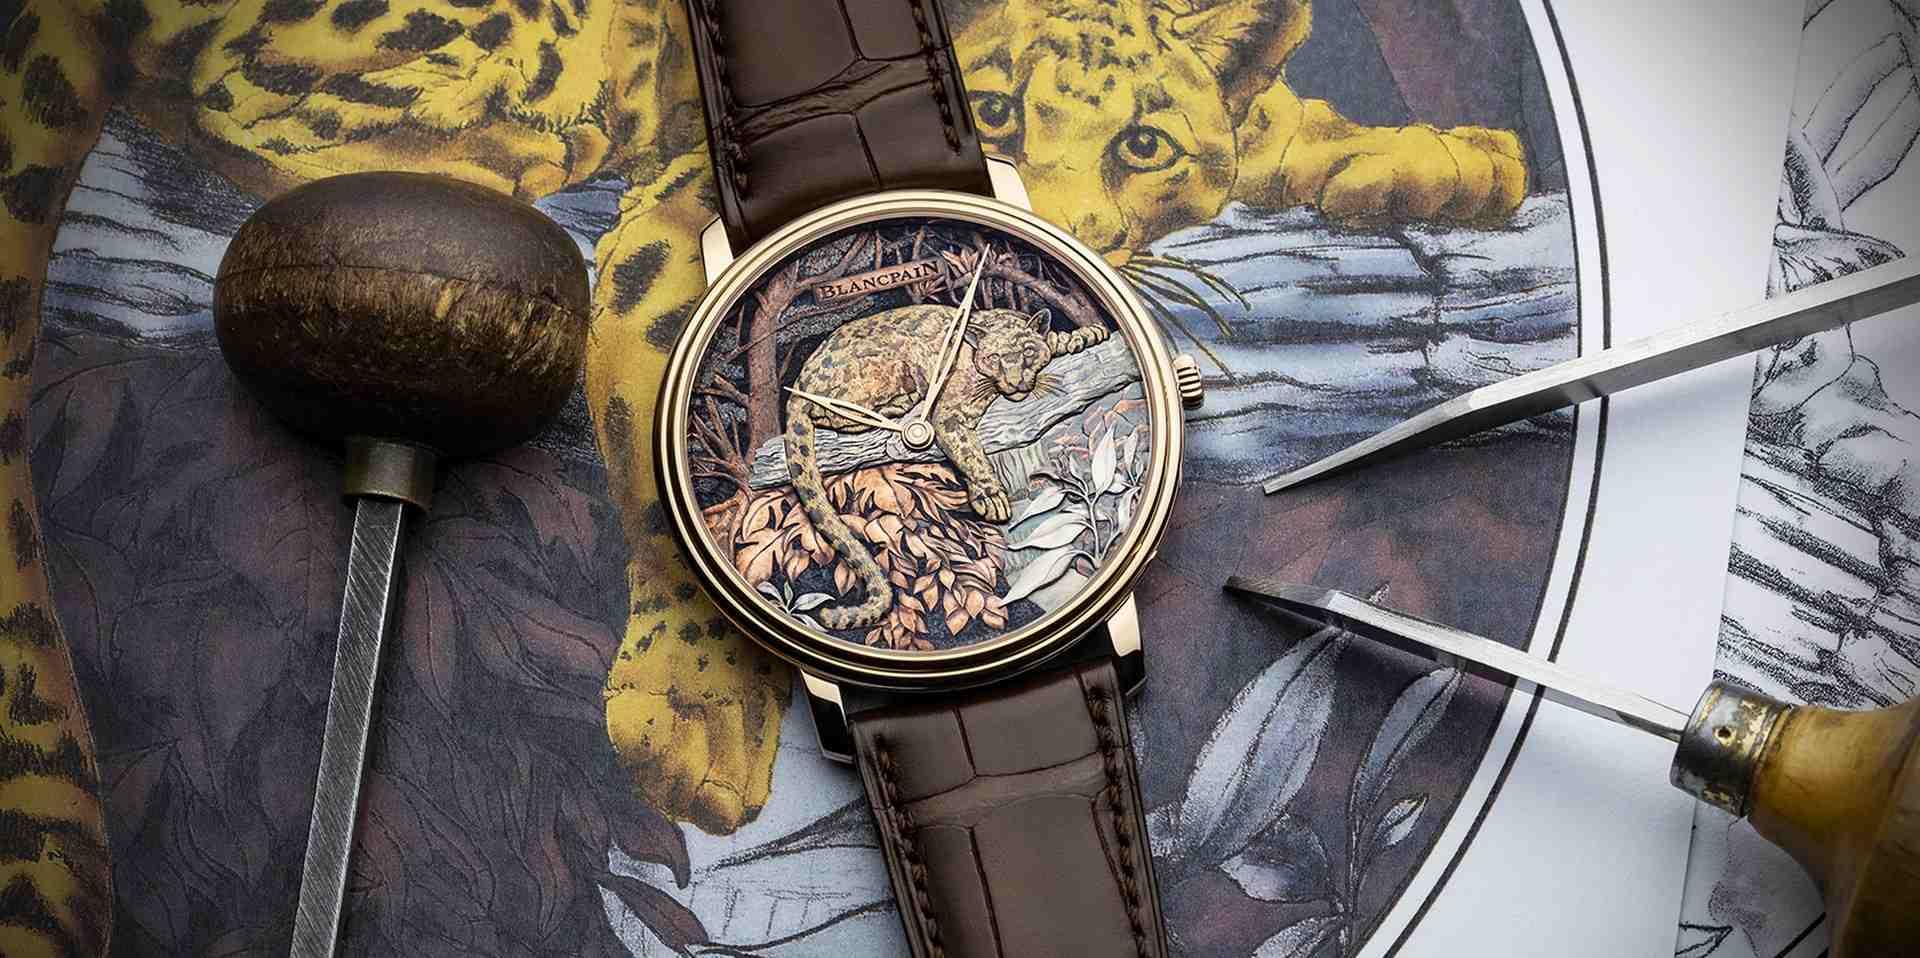 寶珀為台灣打造全球獨賣工藝錶款,台灣雲豹現身 Métiers d'Art 獨家訂製腕錶展